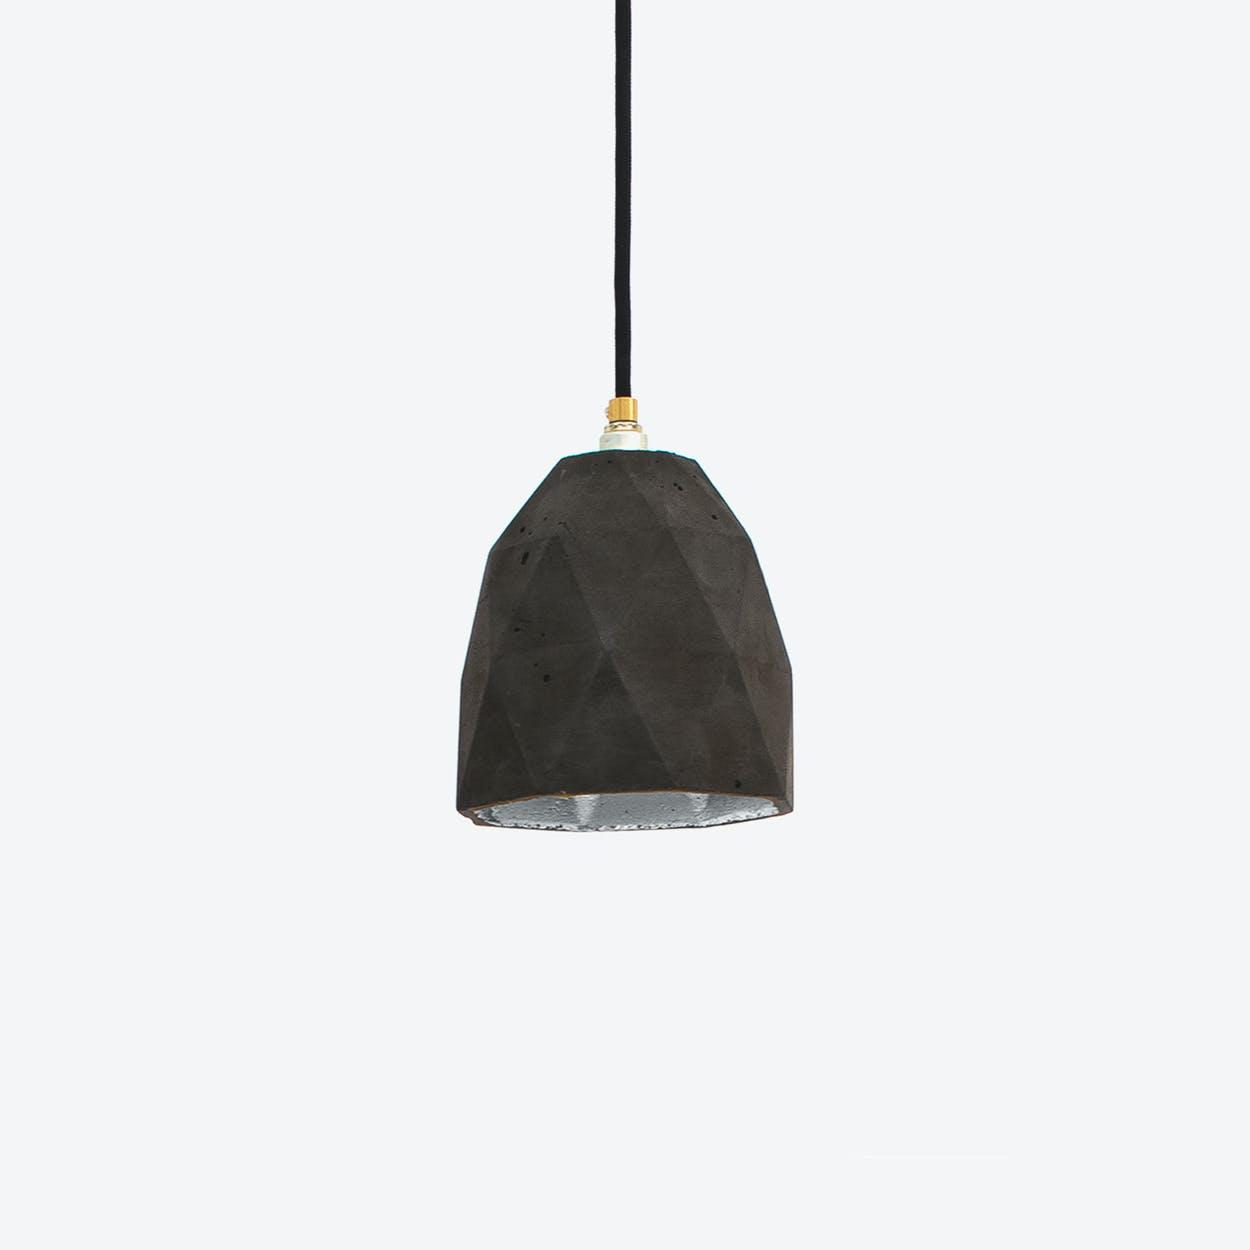 Concrete Pendant Light Triangle T1 in Dark Grey and Silver